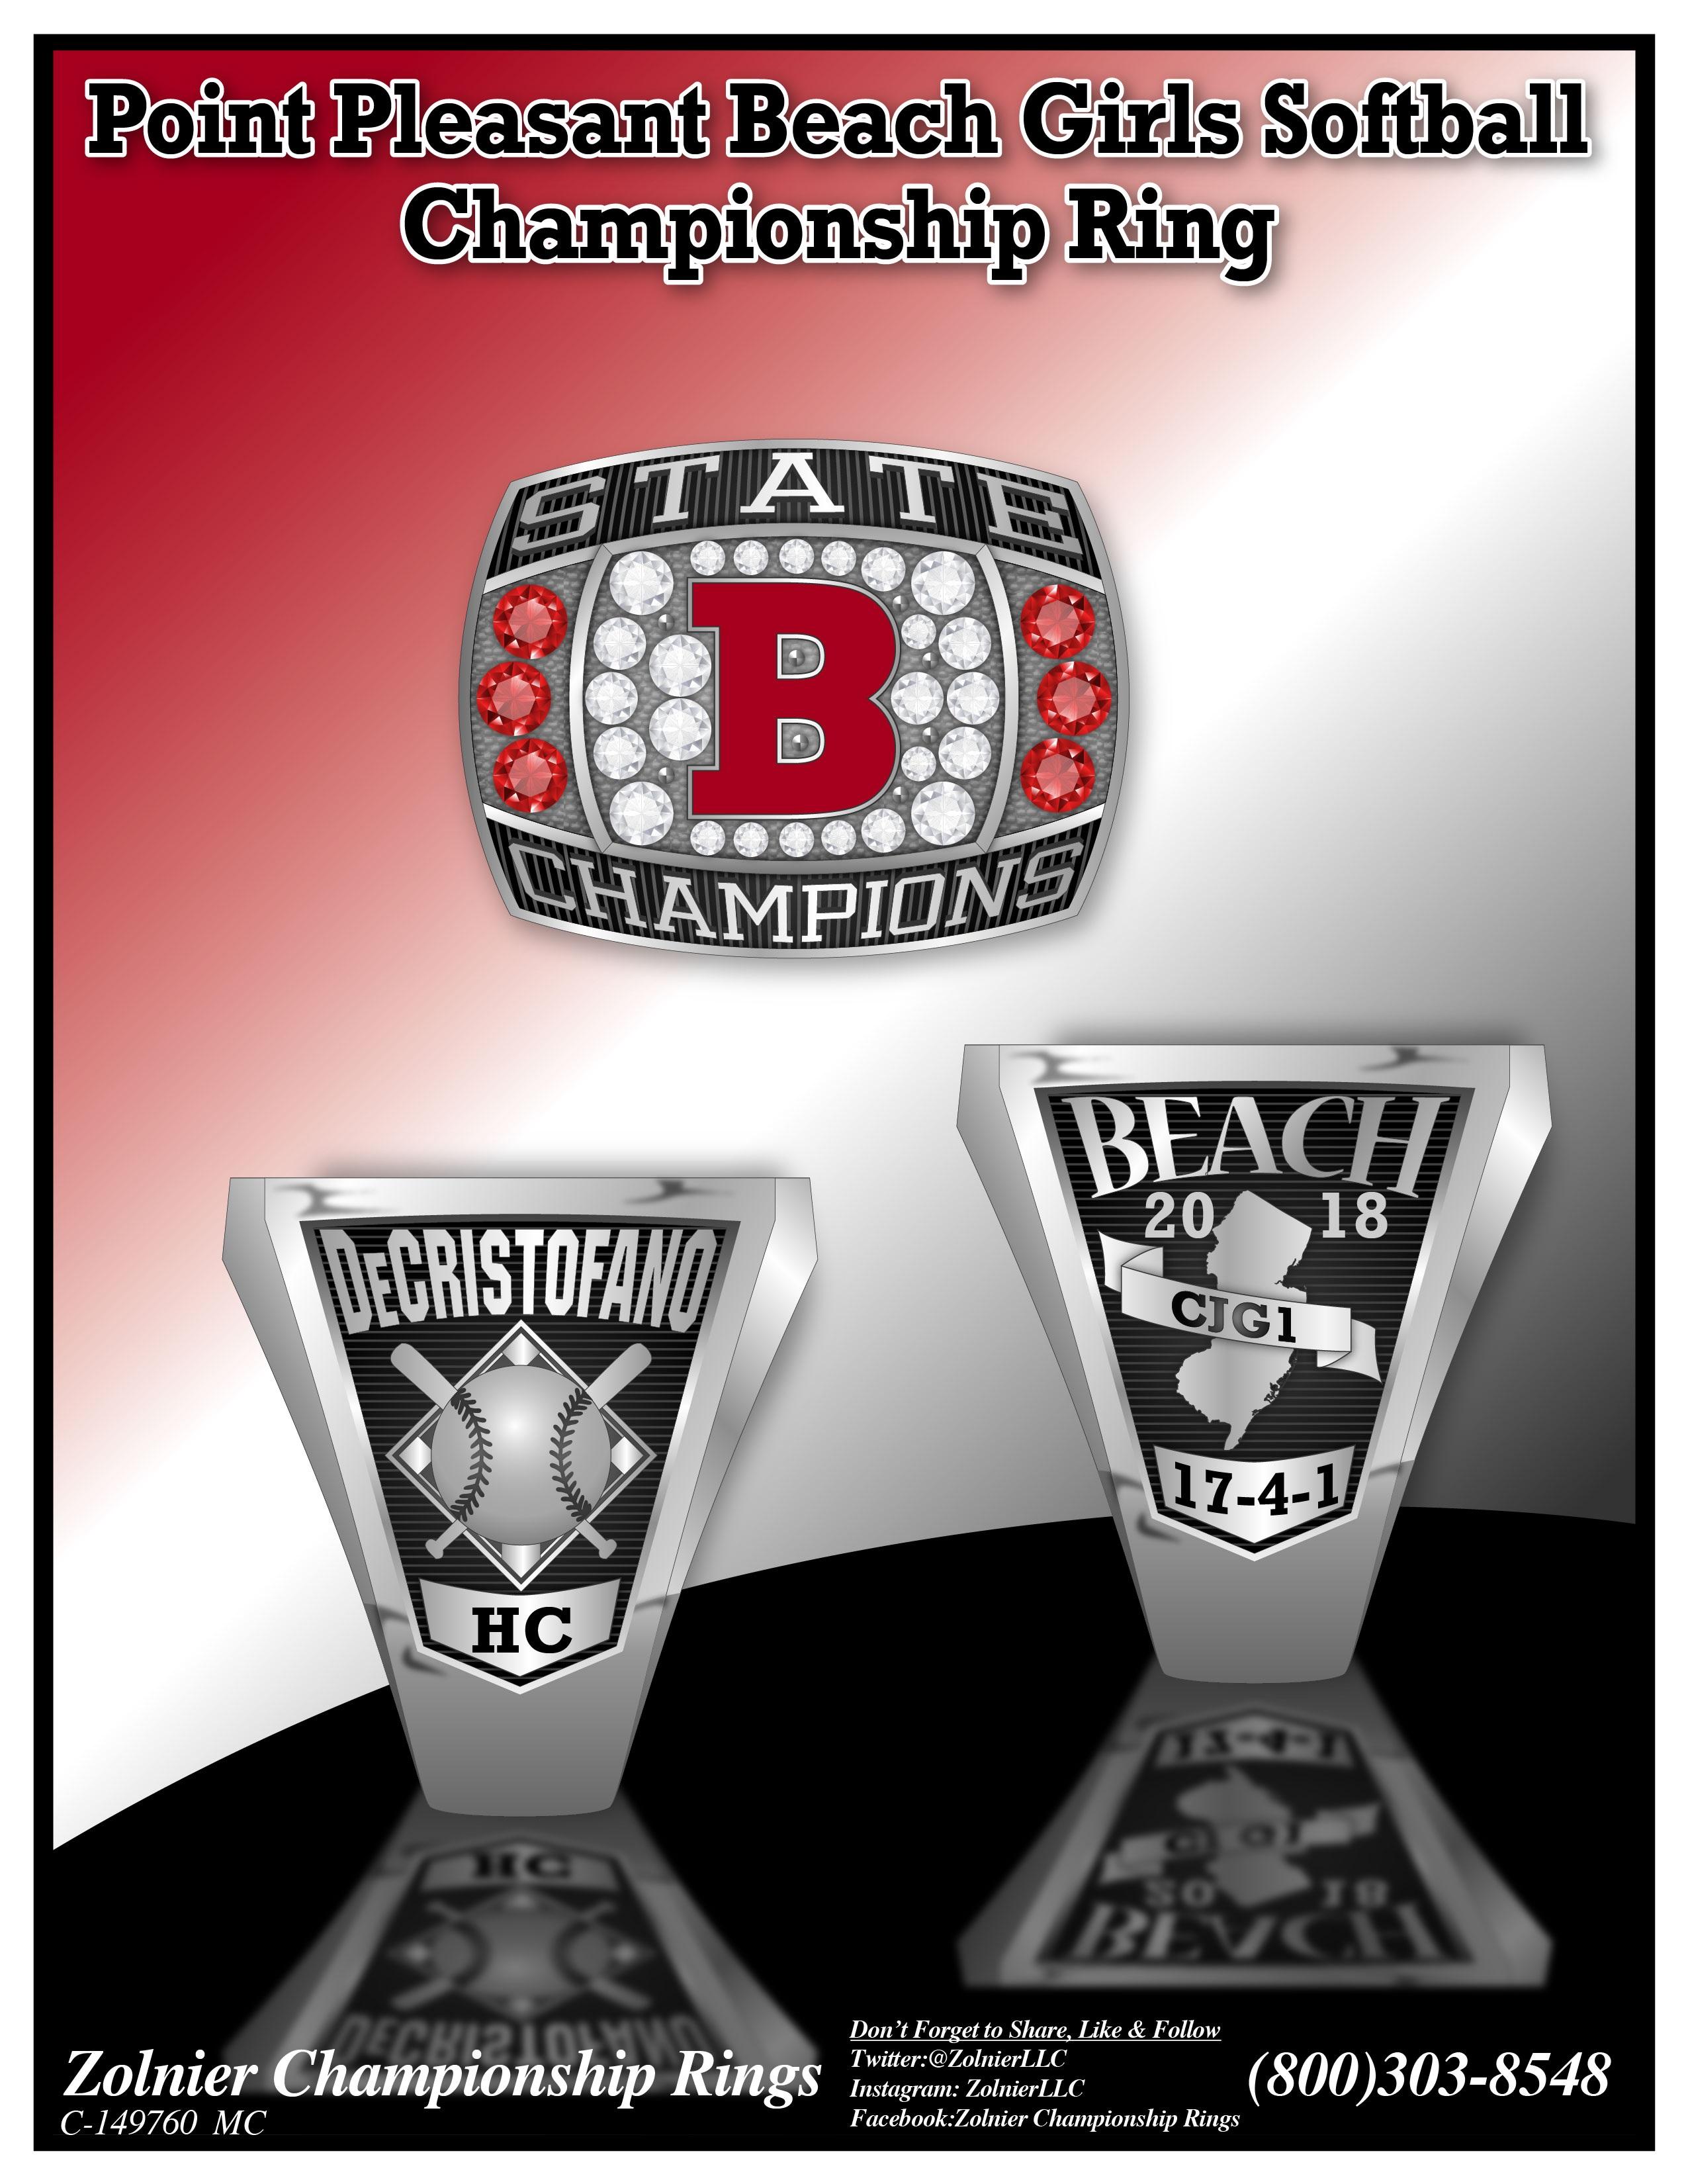 C-149760 Point Pleasant Beach Softball Champ Ring